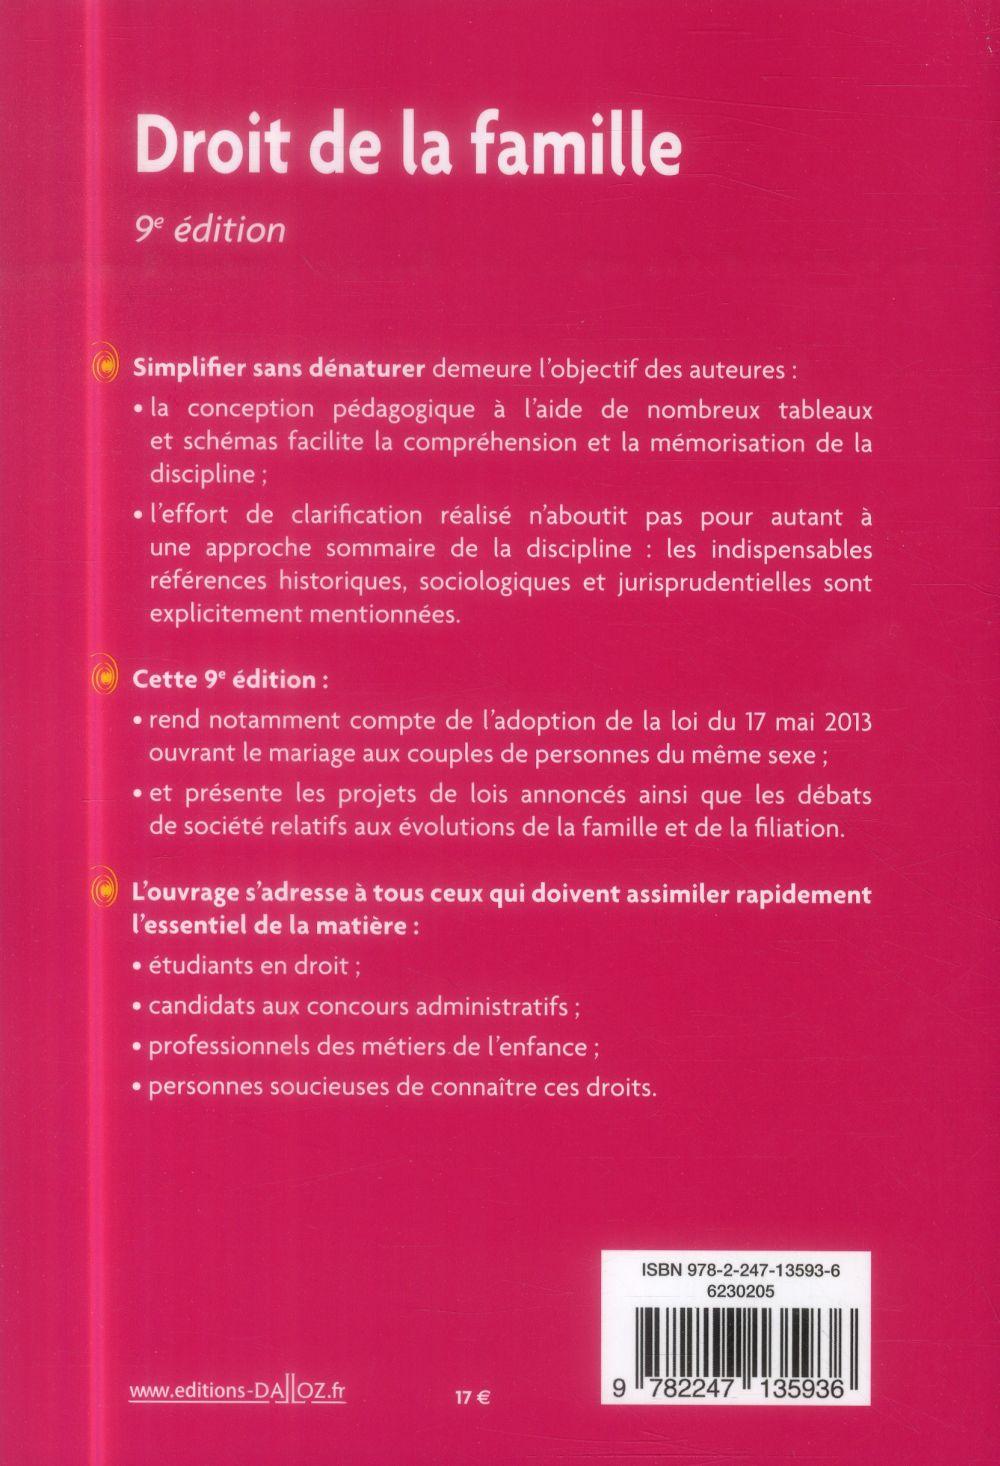 Droit de la famille (9e édition)